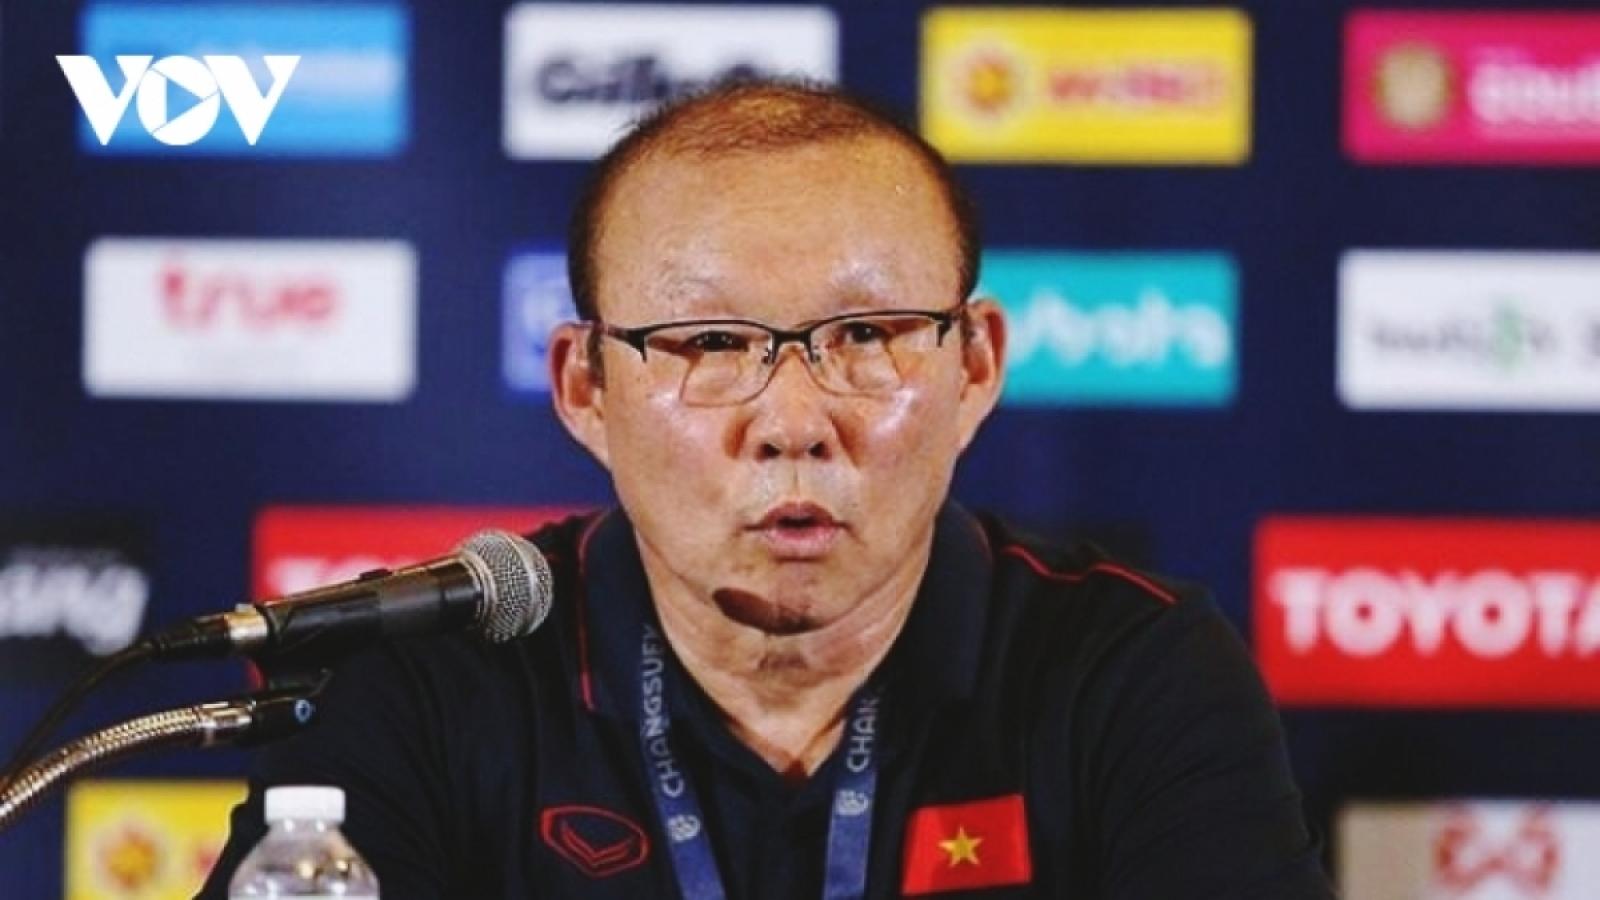 HLV Park Hang Seo viết tâm thư gửi các học trò ở ĐT Việt Nam